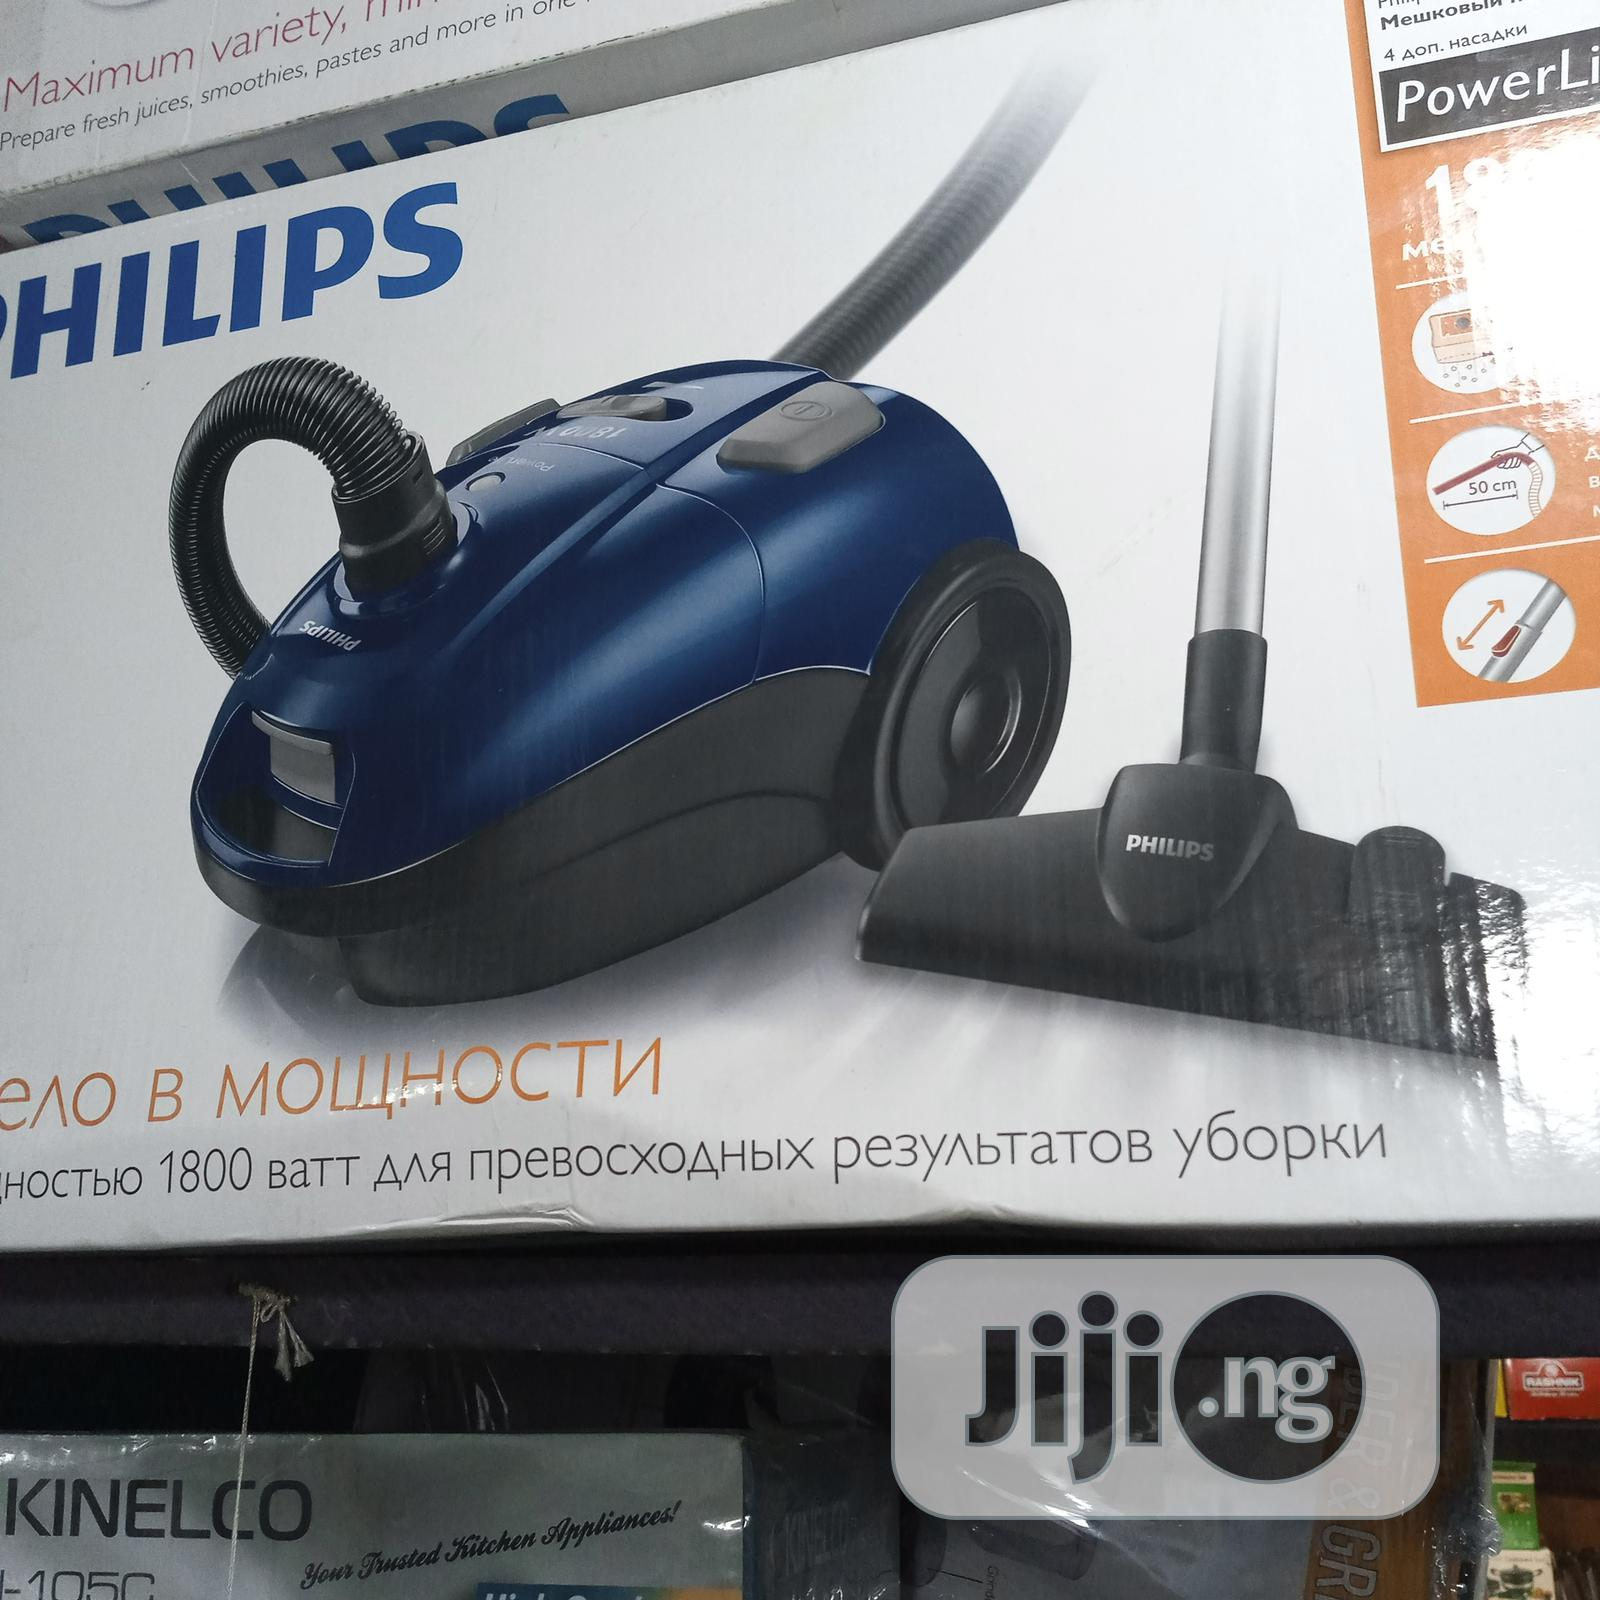 Philip Wet And Dry Vacuum Cleaner